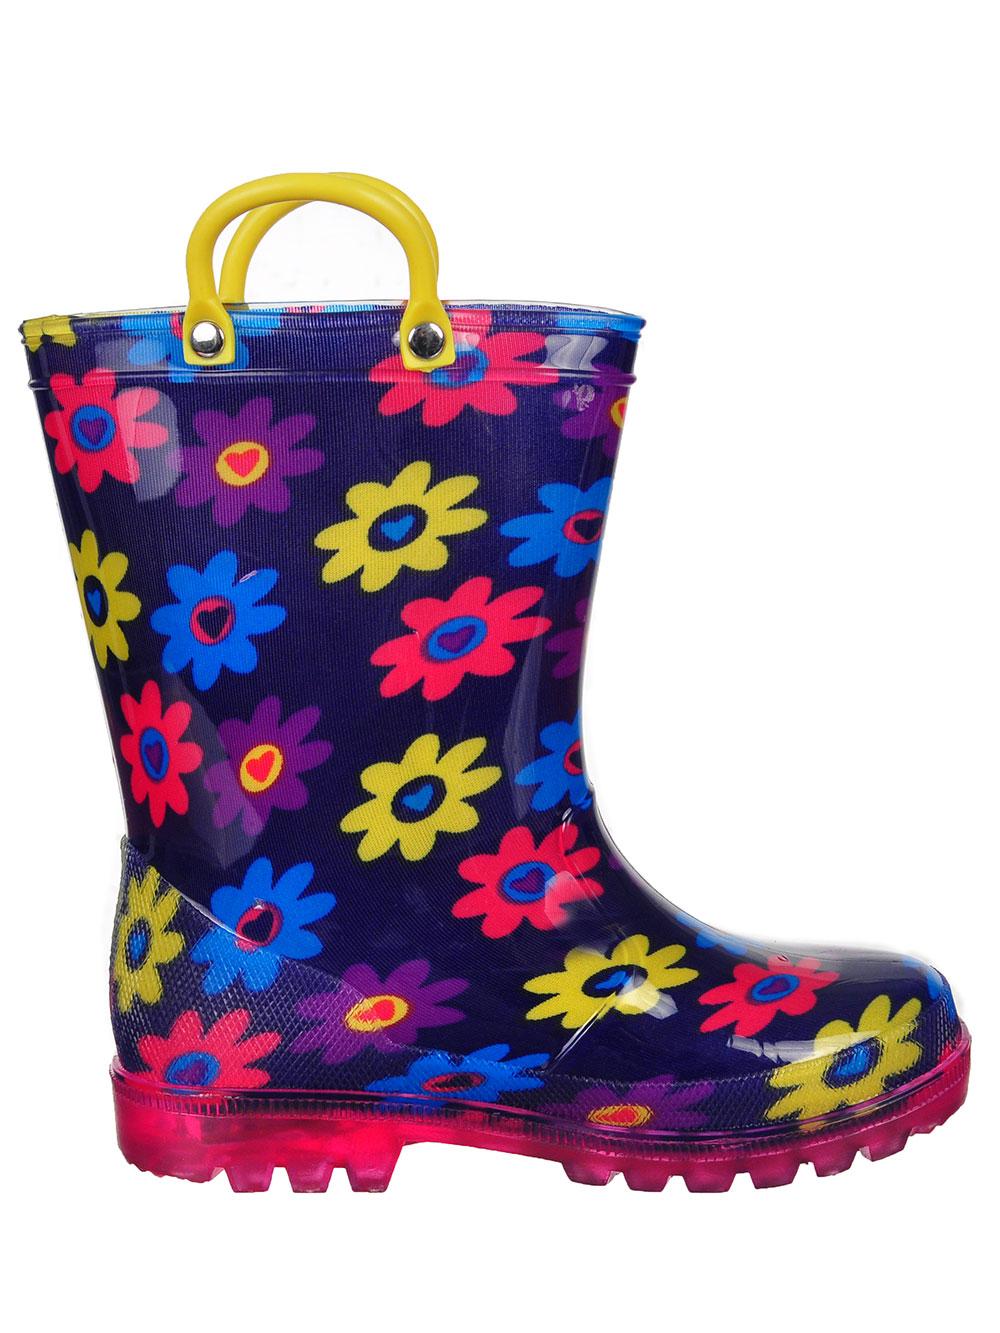 Tailles 5-12 Lilly Girls /'Light-Up Caoutchouc Bottes de pluie